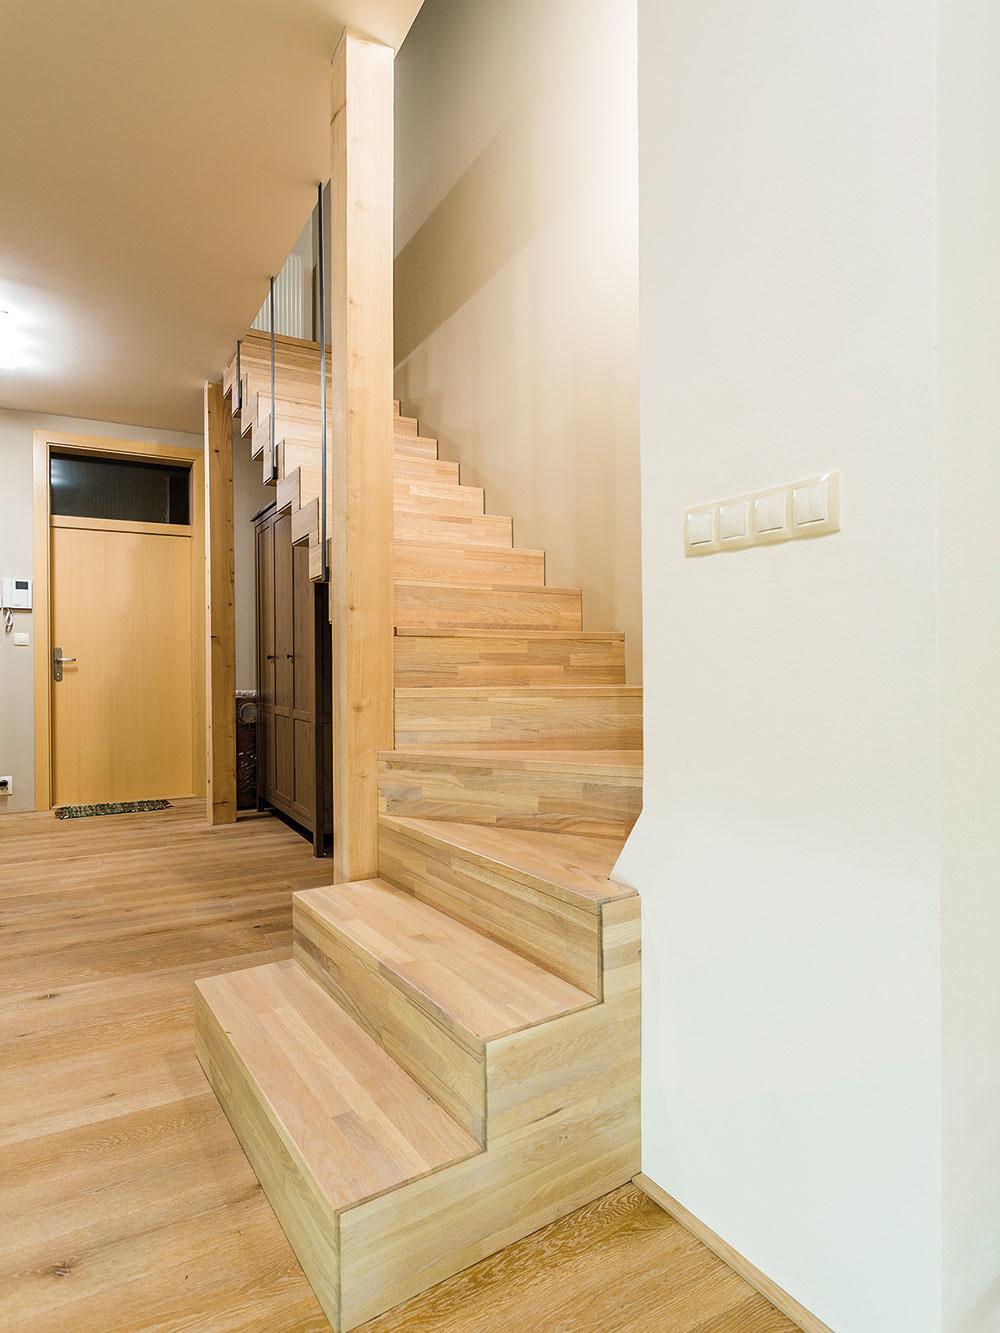 Originálne schodisko vzniklo opláštením homogénnej oceľovej konštrukcie drevom.